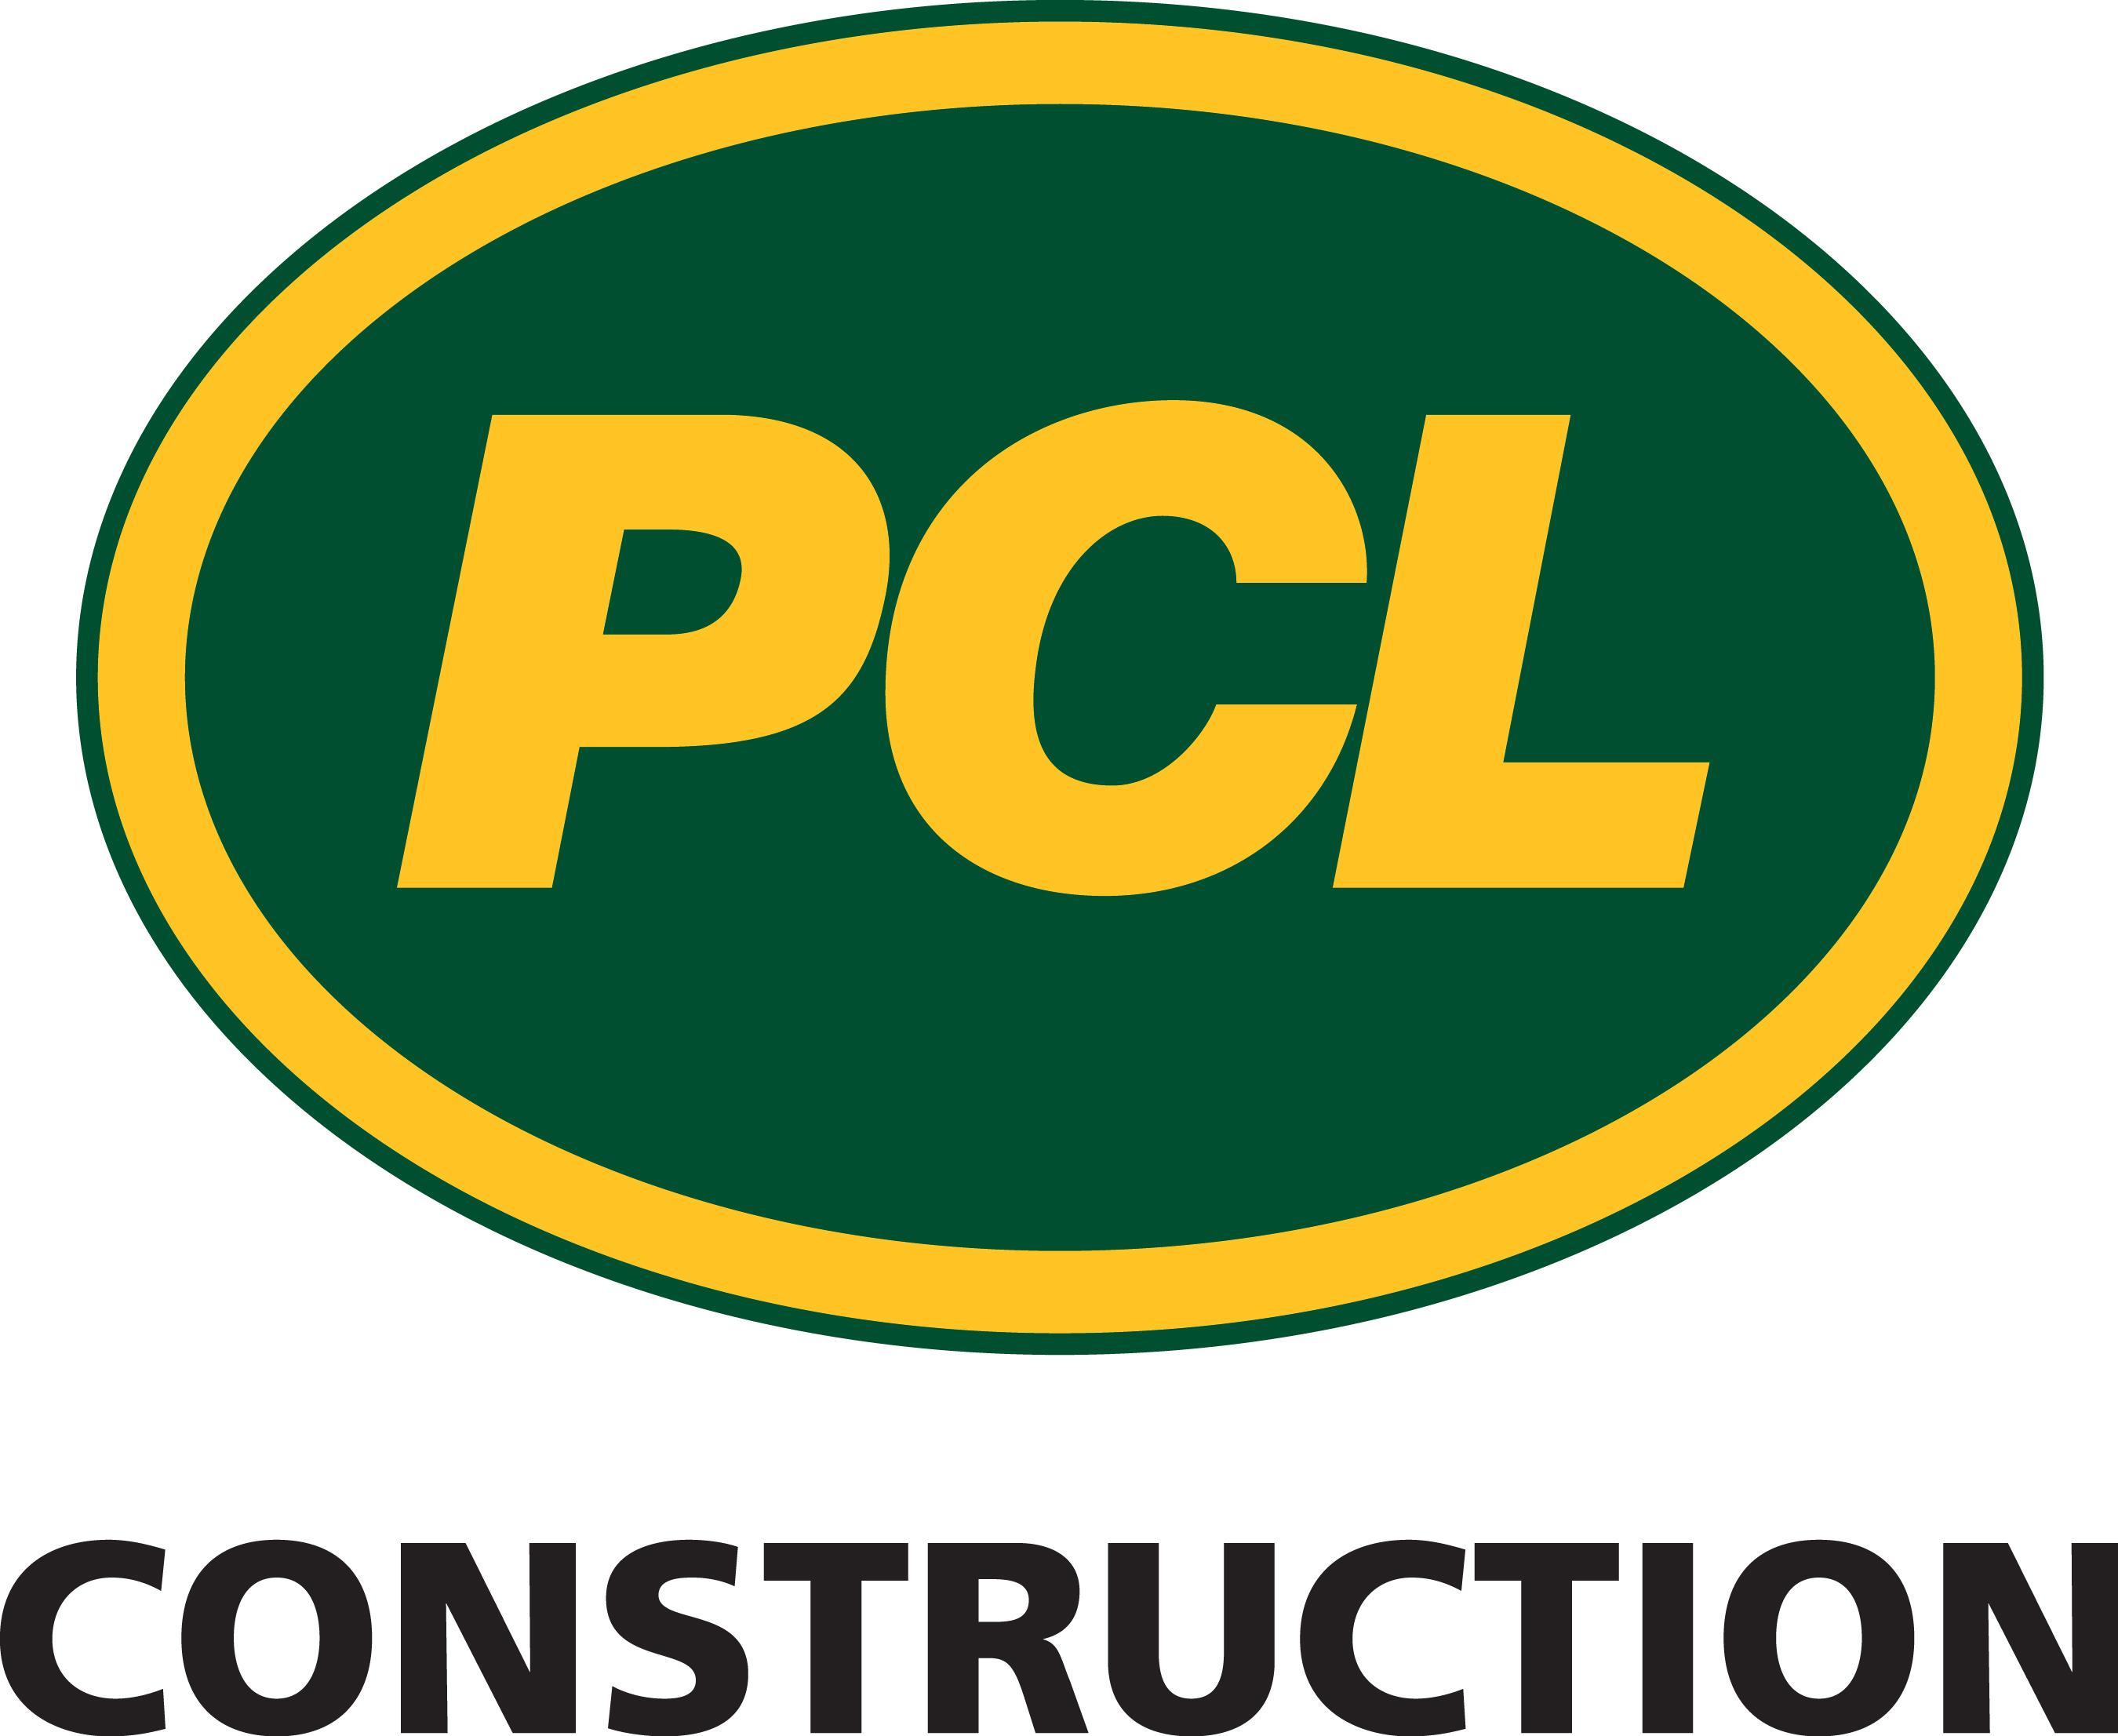 PCL Construction Service Inc.